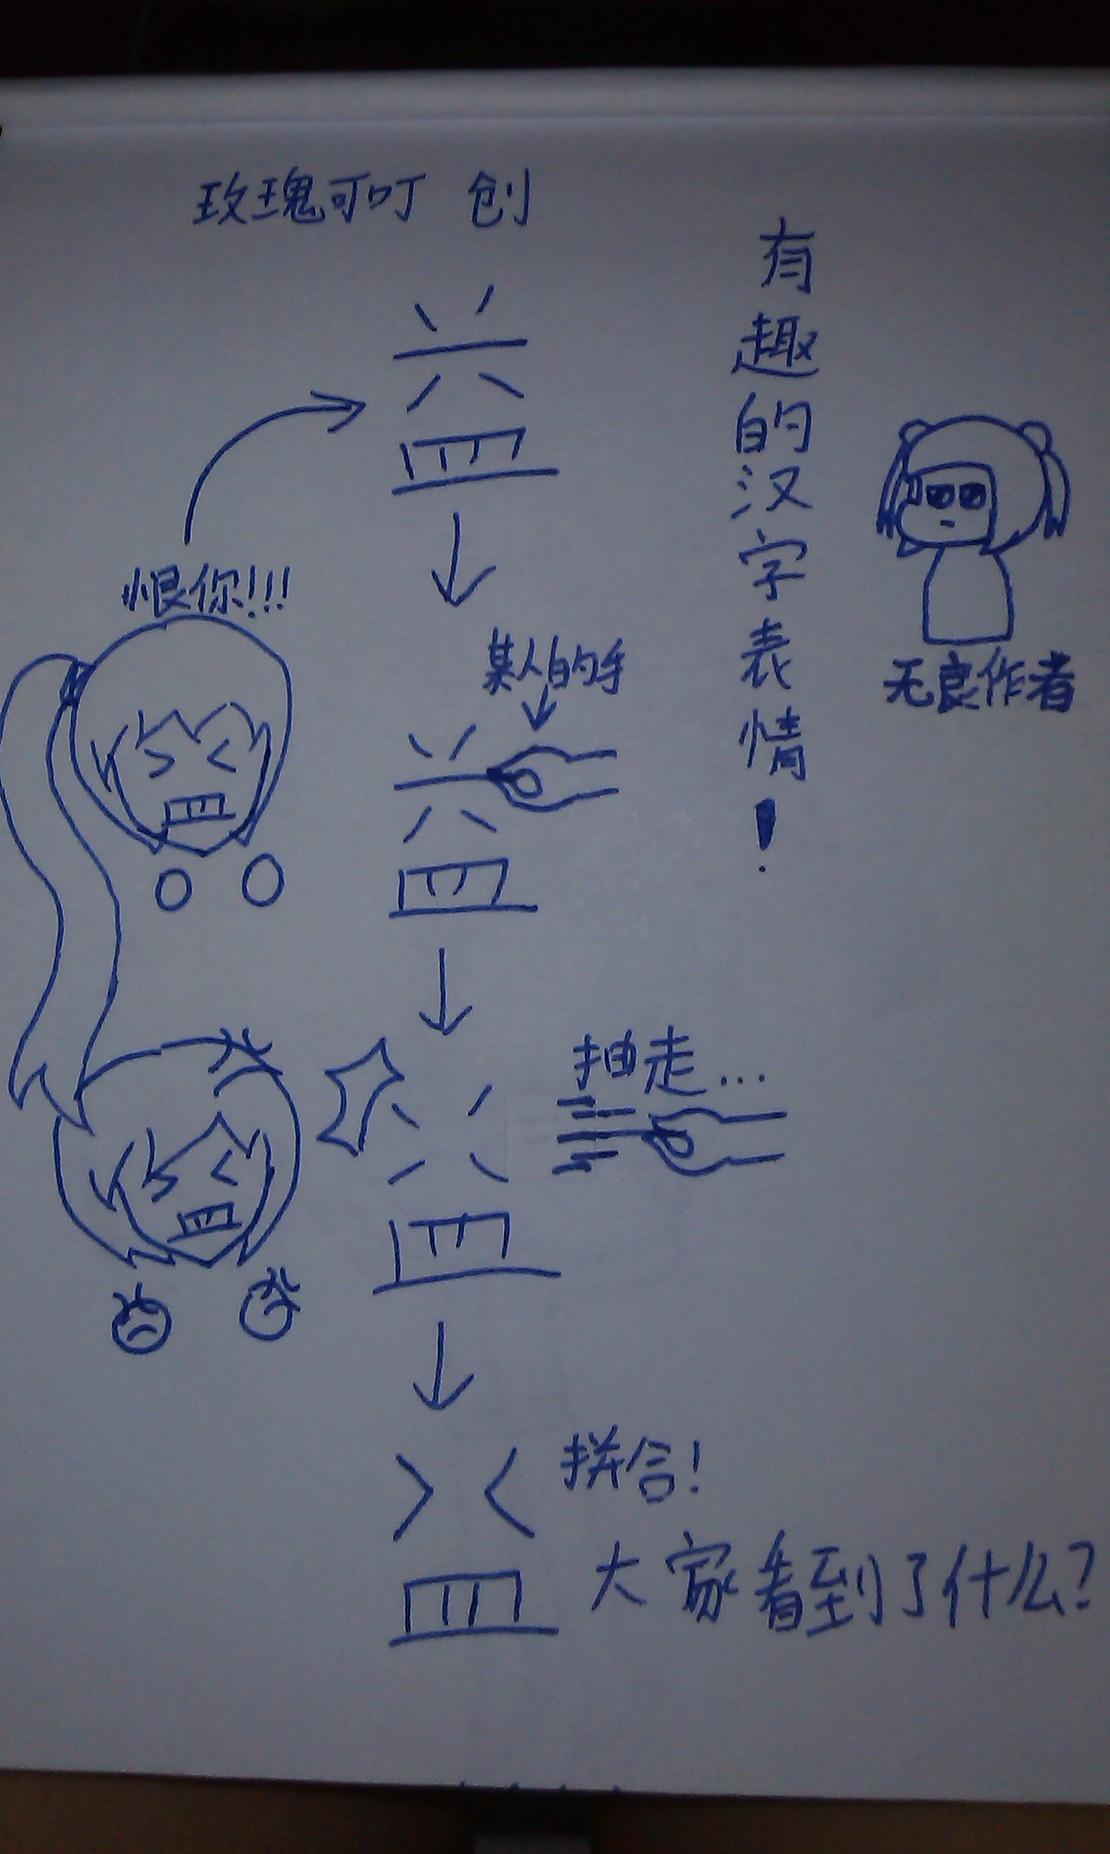 汉字演化的表情,确实汗!!!